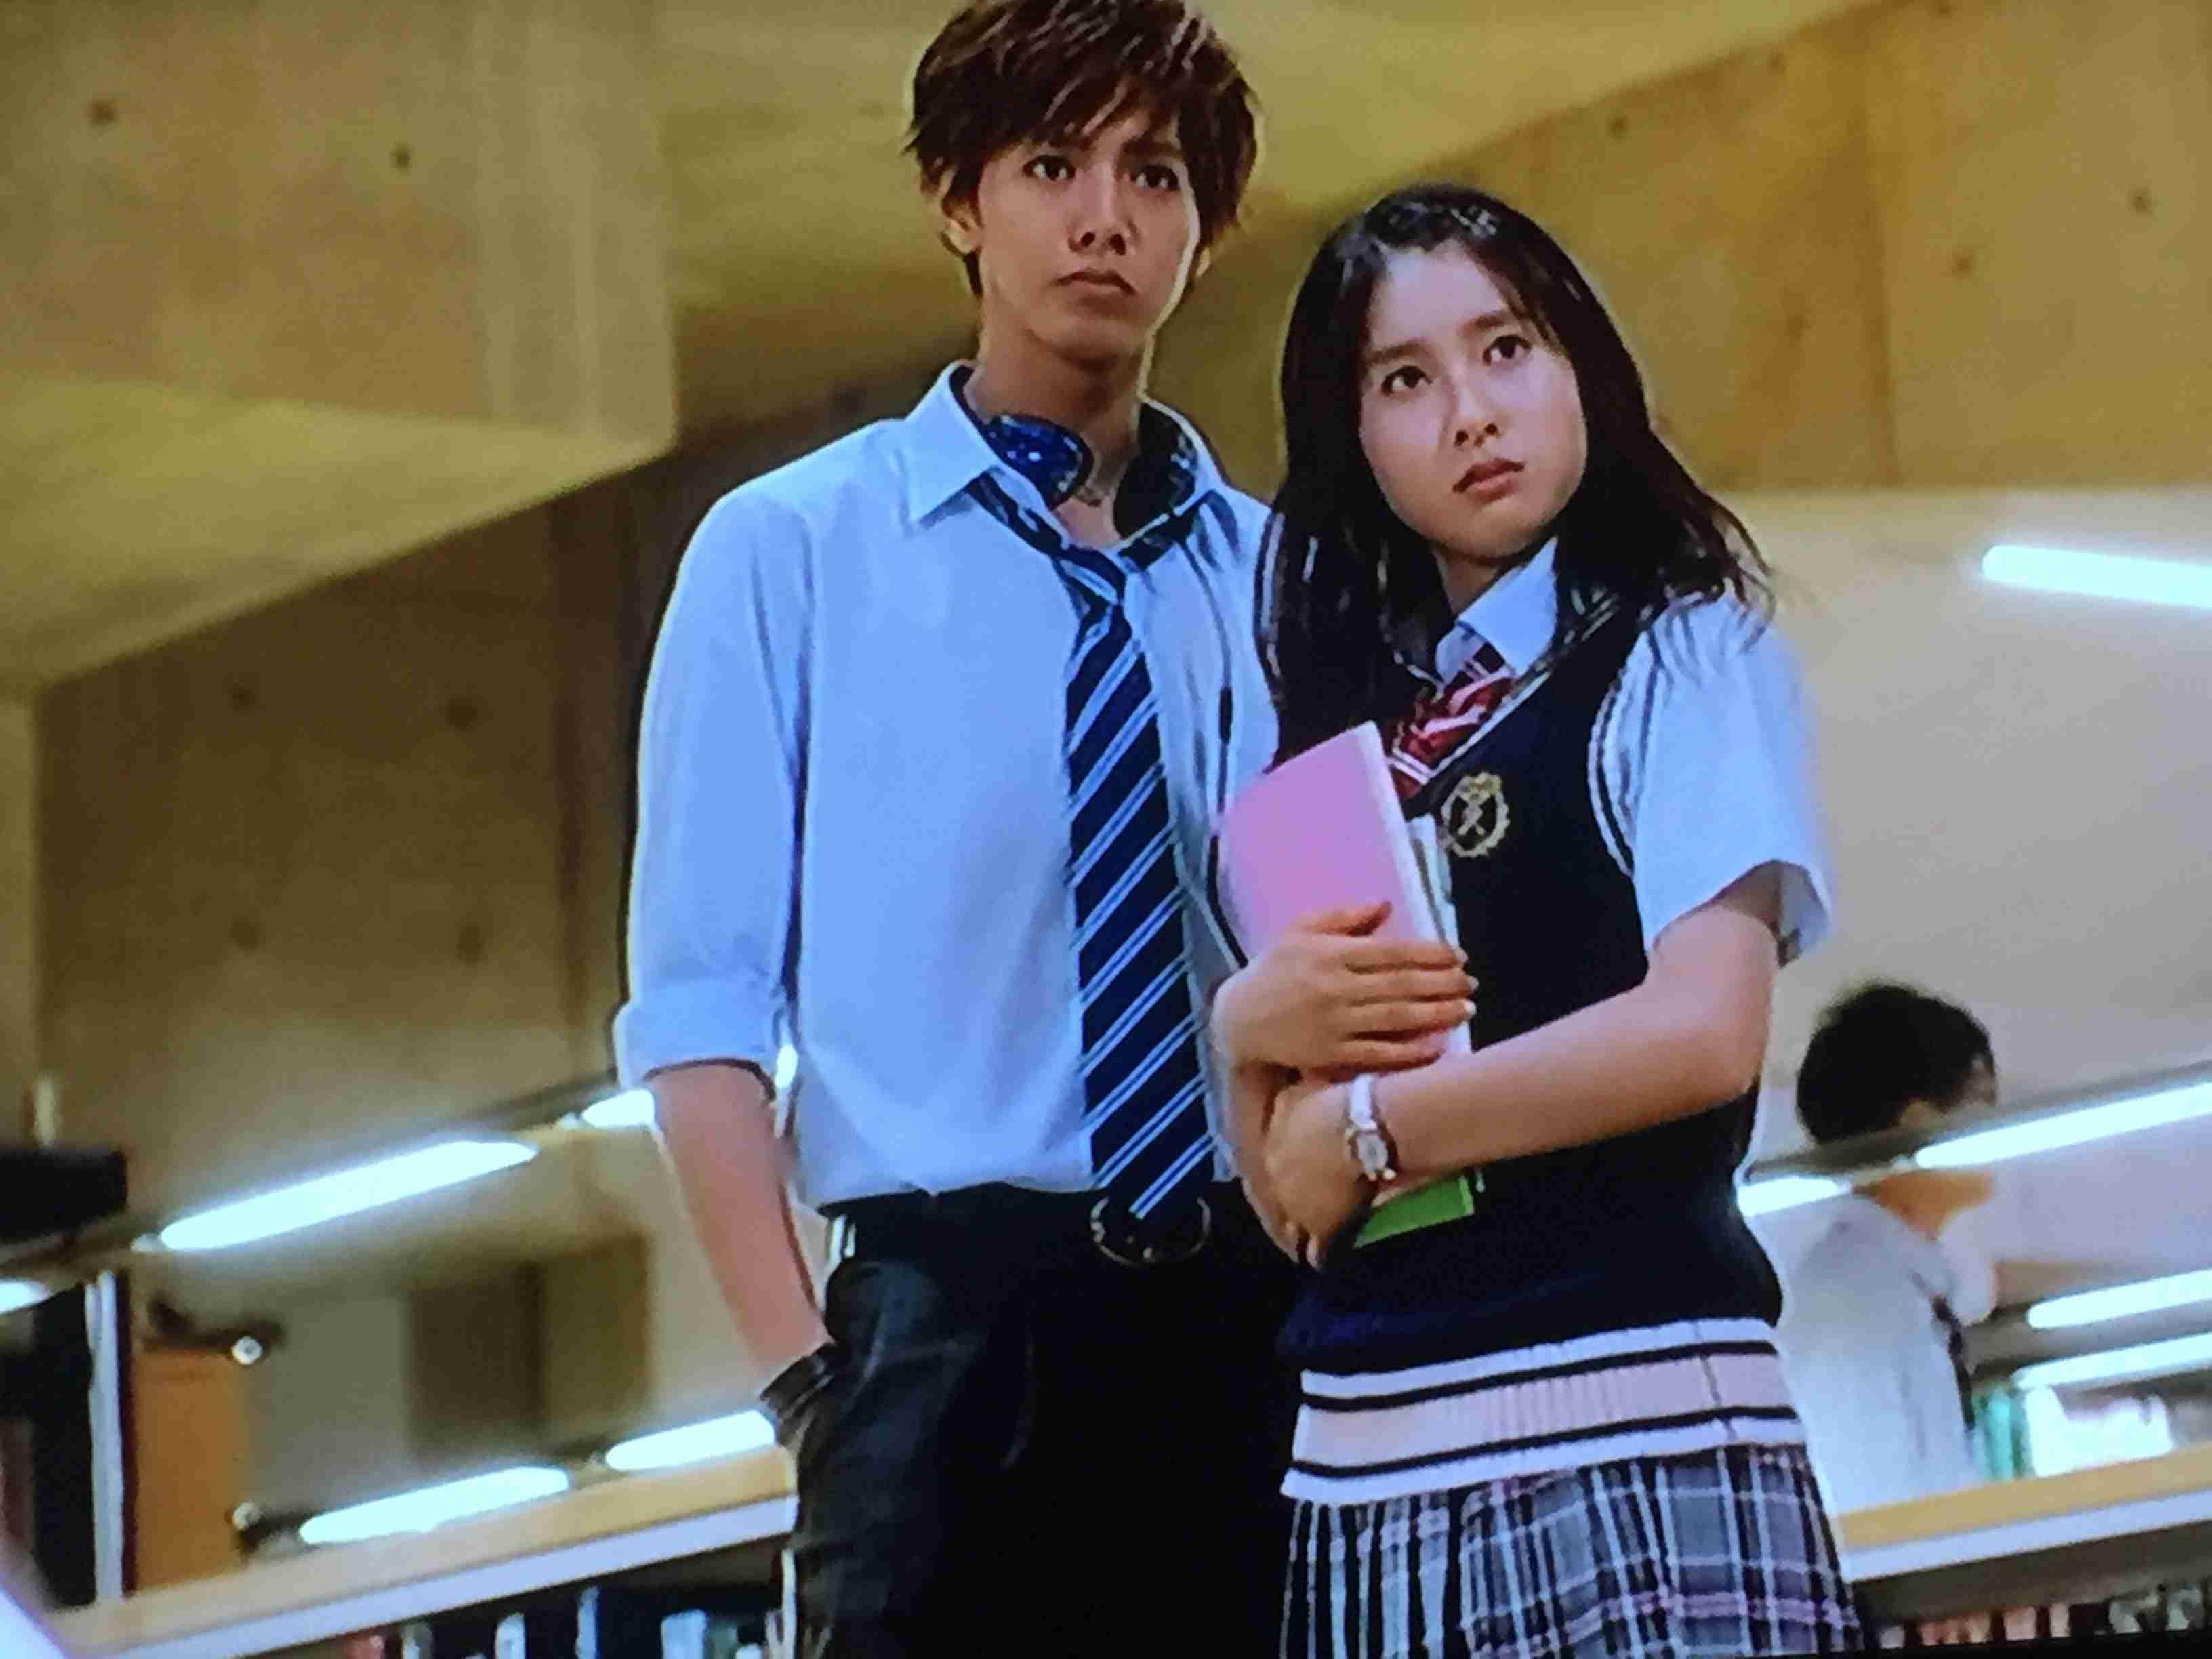 映画『兄に愛されすぎて困ってます』第5のイケメン(?)NON STYLE井上裕介が参戦 土屋太鳳をお姫様抱っこ